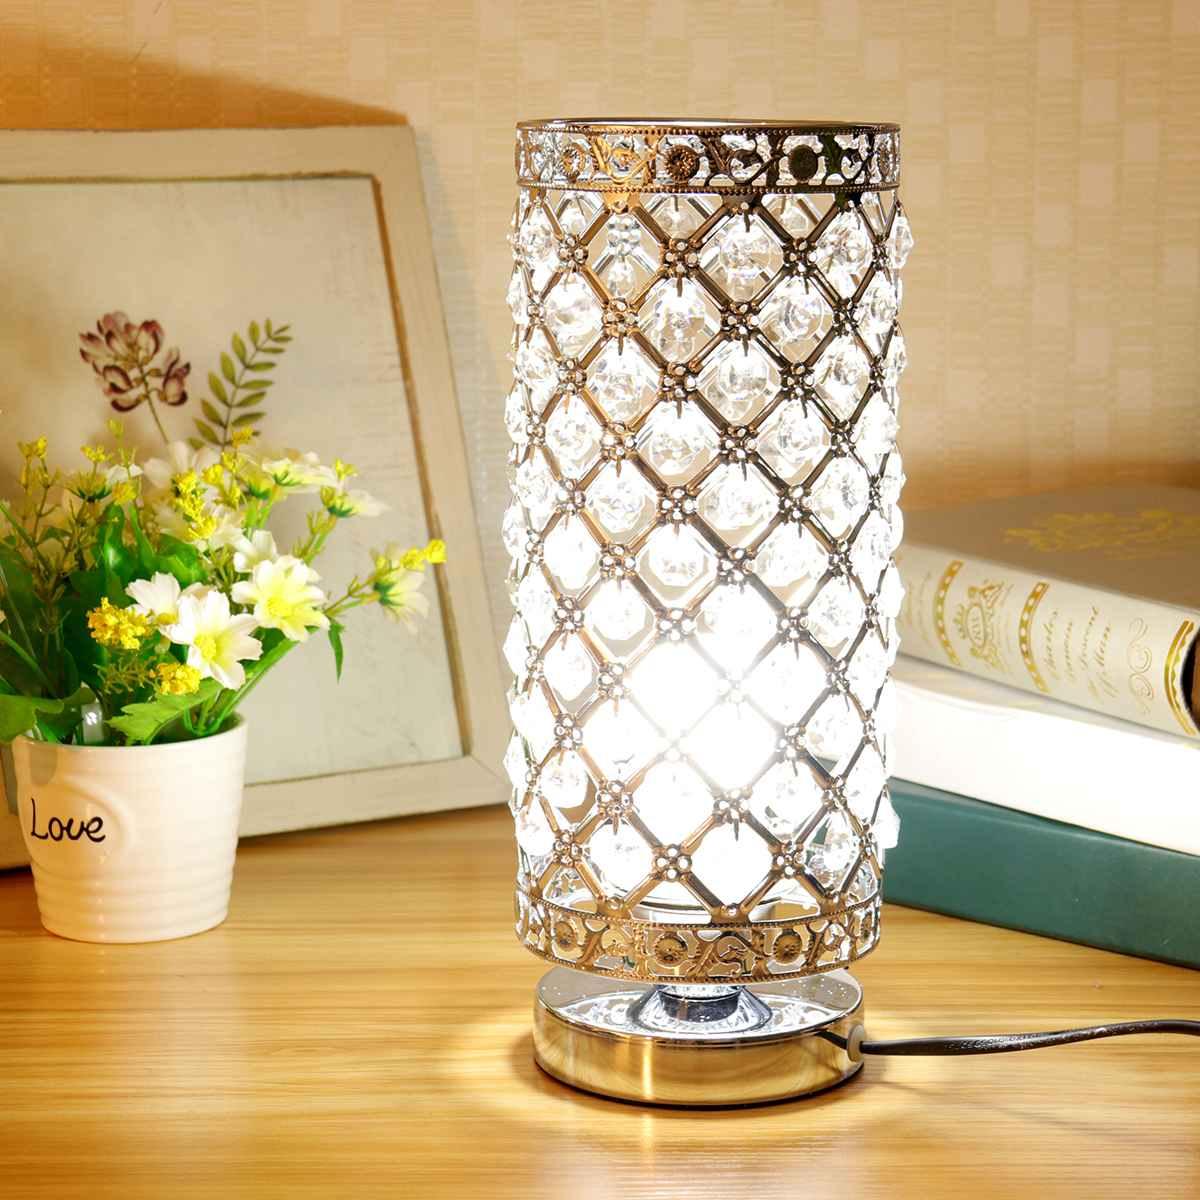 מודרני קריסטל שולחן שולחן מנורת אור לצד לילה מנורת E27 בעל בית חדר שינה קישוט מתכוונן מקורה תאורה